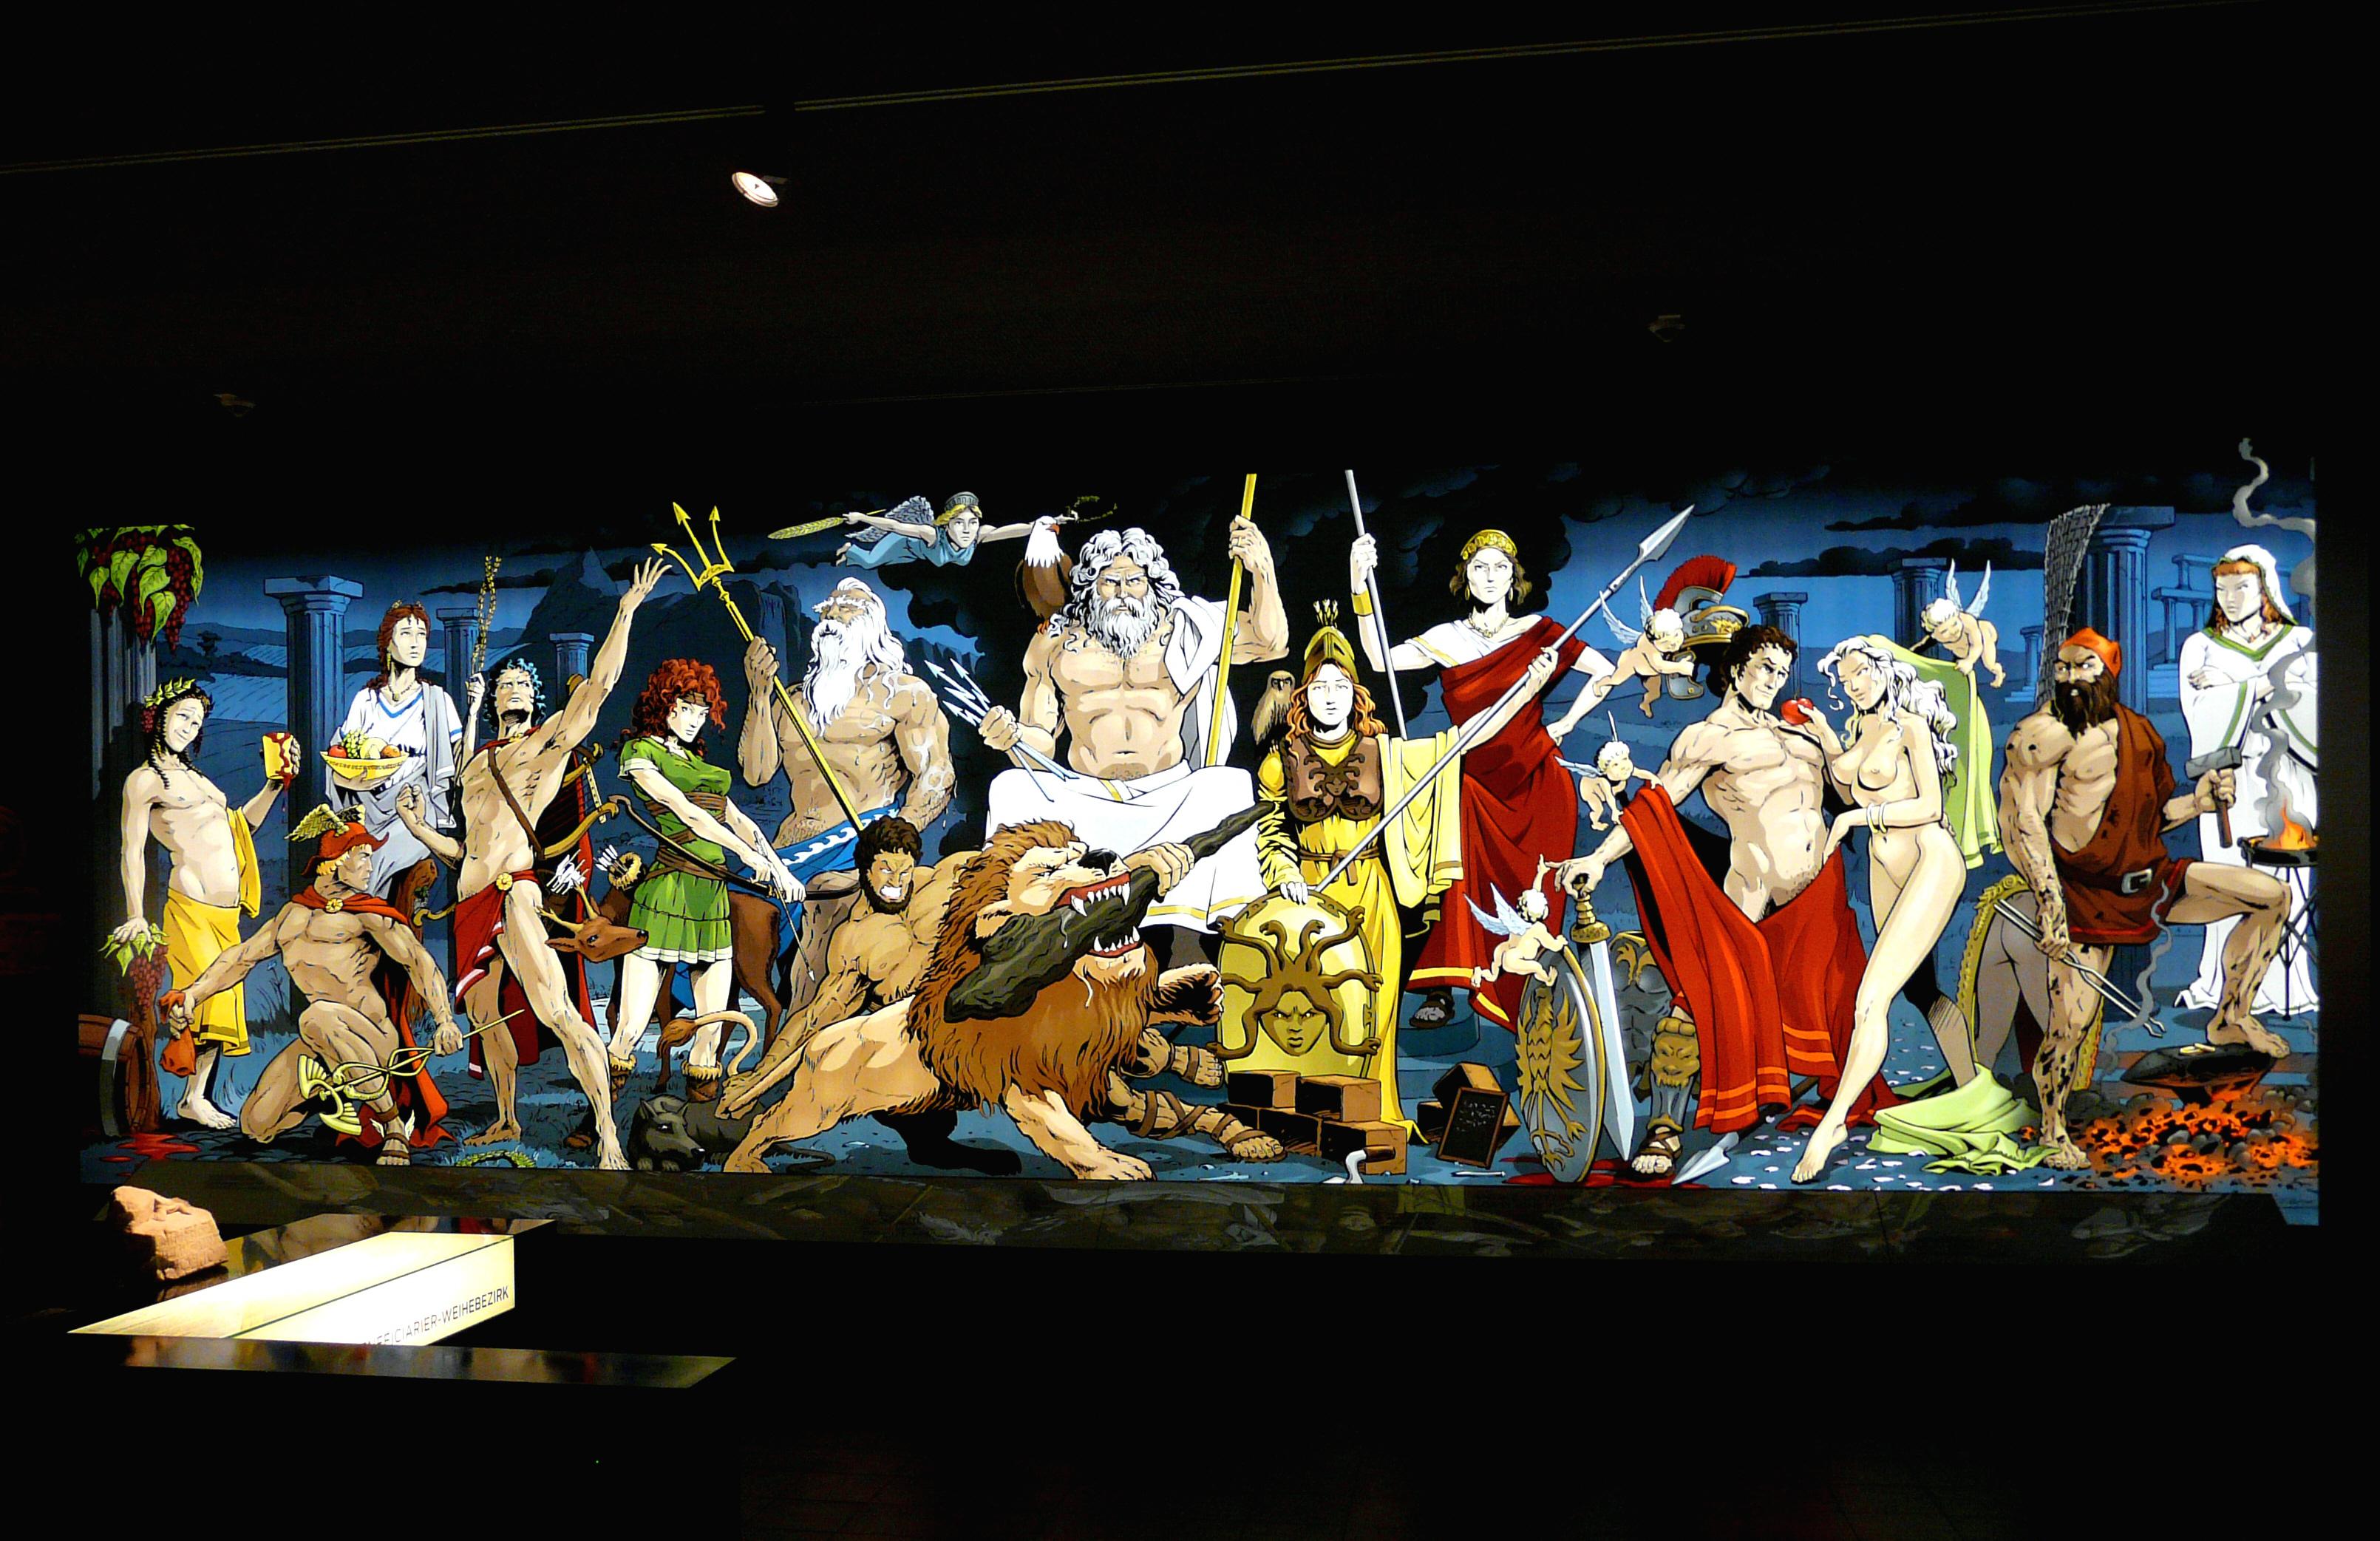 Bild der römischen Götterwelt im Römermuseum Osterburken, © Hartmann Linge, Wikimedia Commons, CC-by-sa 3.0